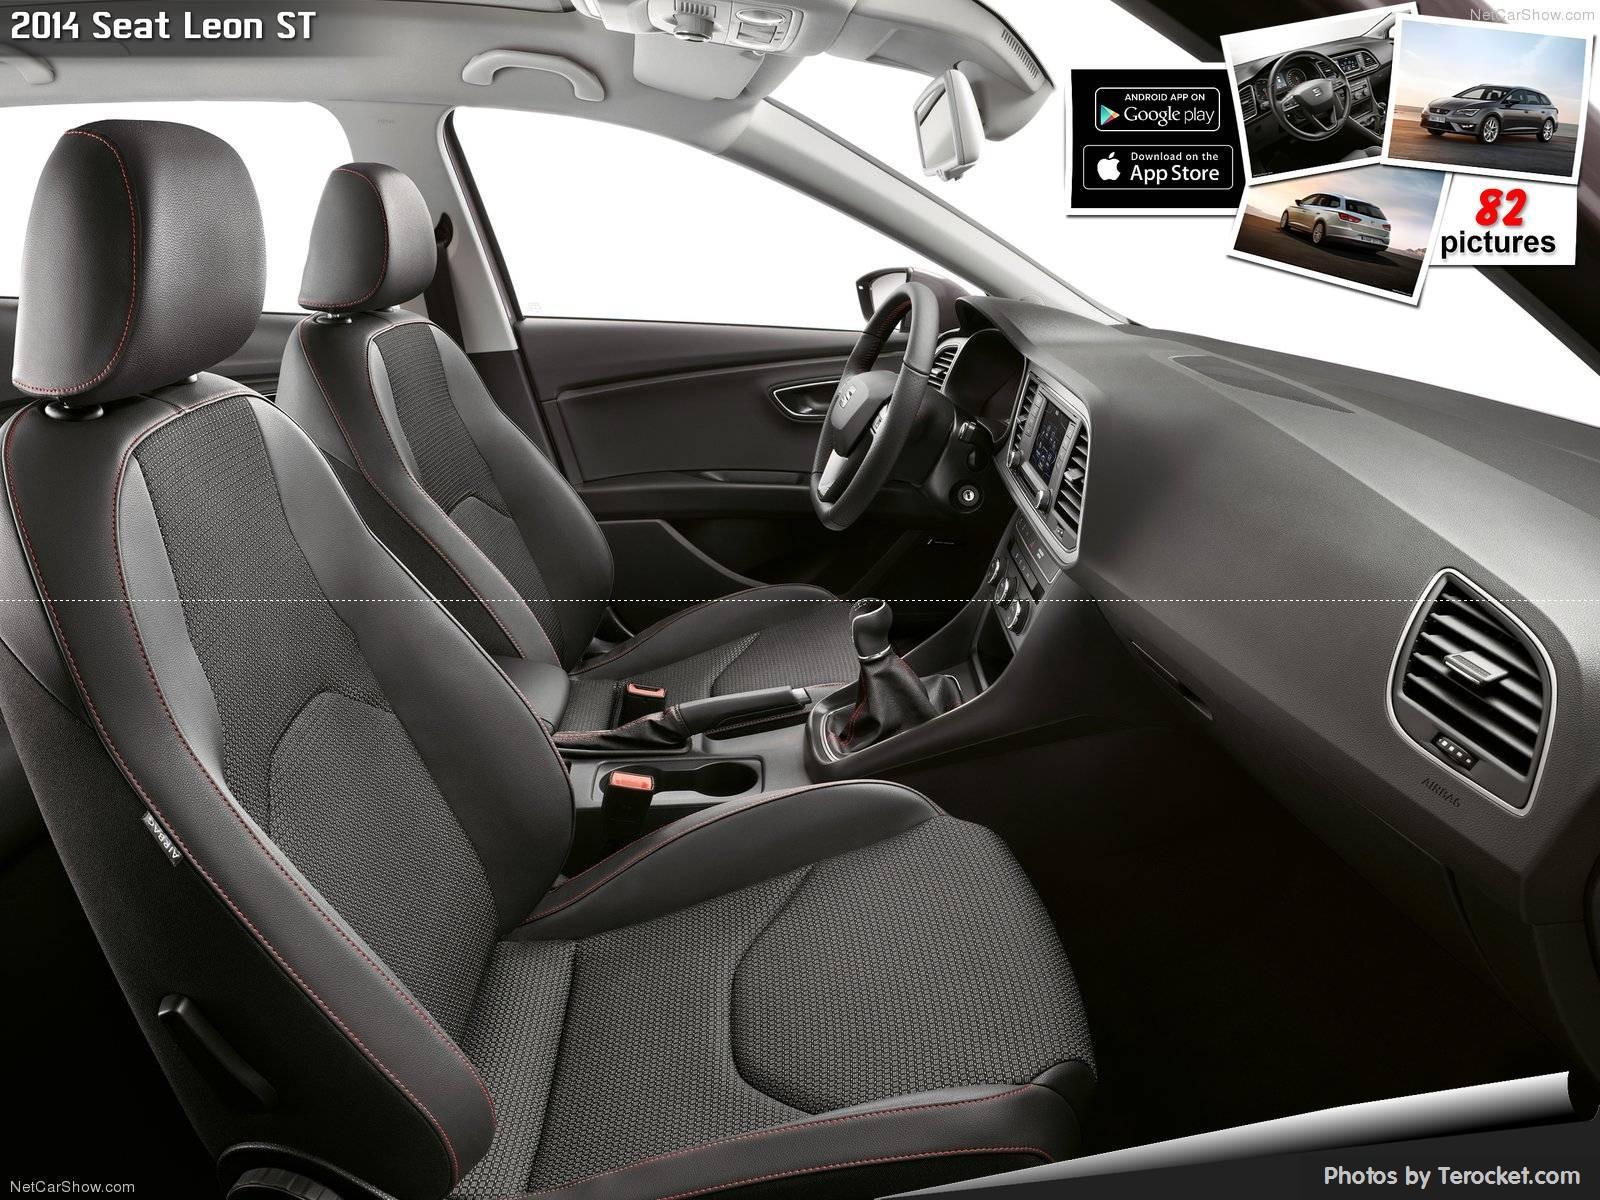 Hình ảnh xe ô tô Seat Leon ST 2014 & nội ngoại thất